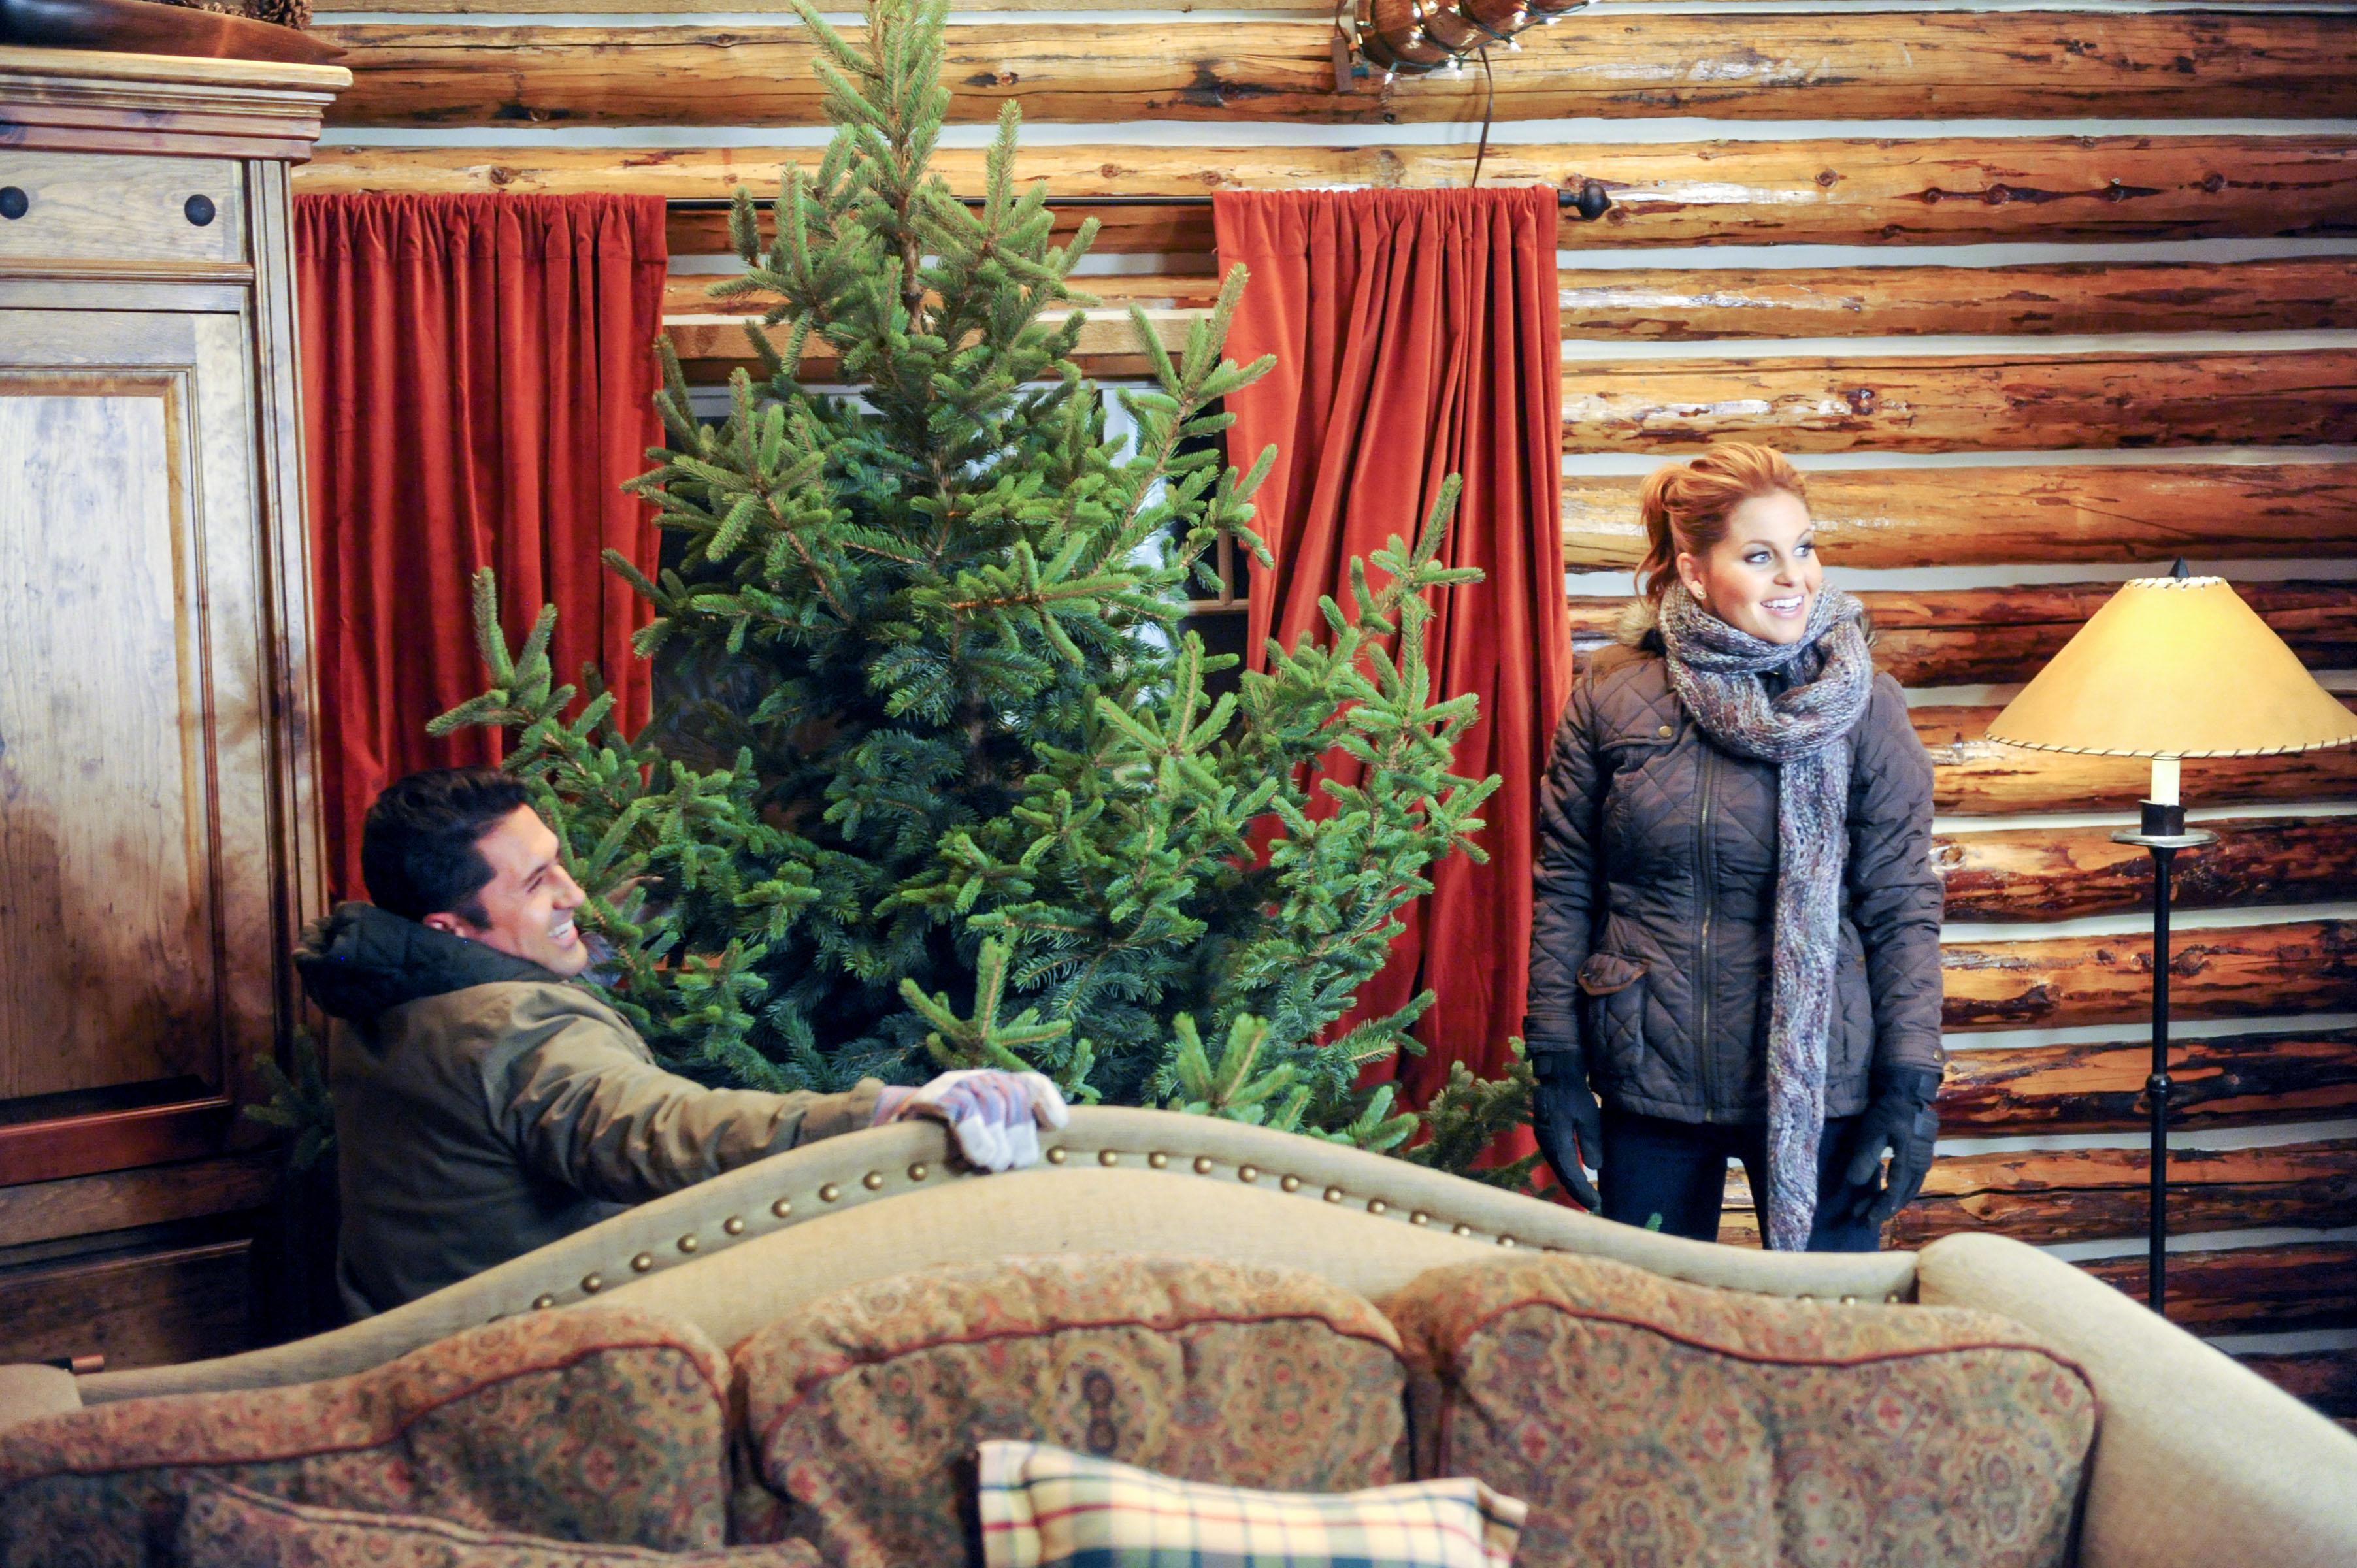 christmas under wraps tv movie 2014 photo gallery imdb - Candace Cameron Christmas Movies